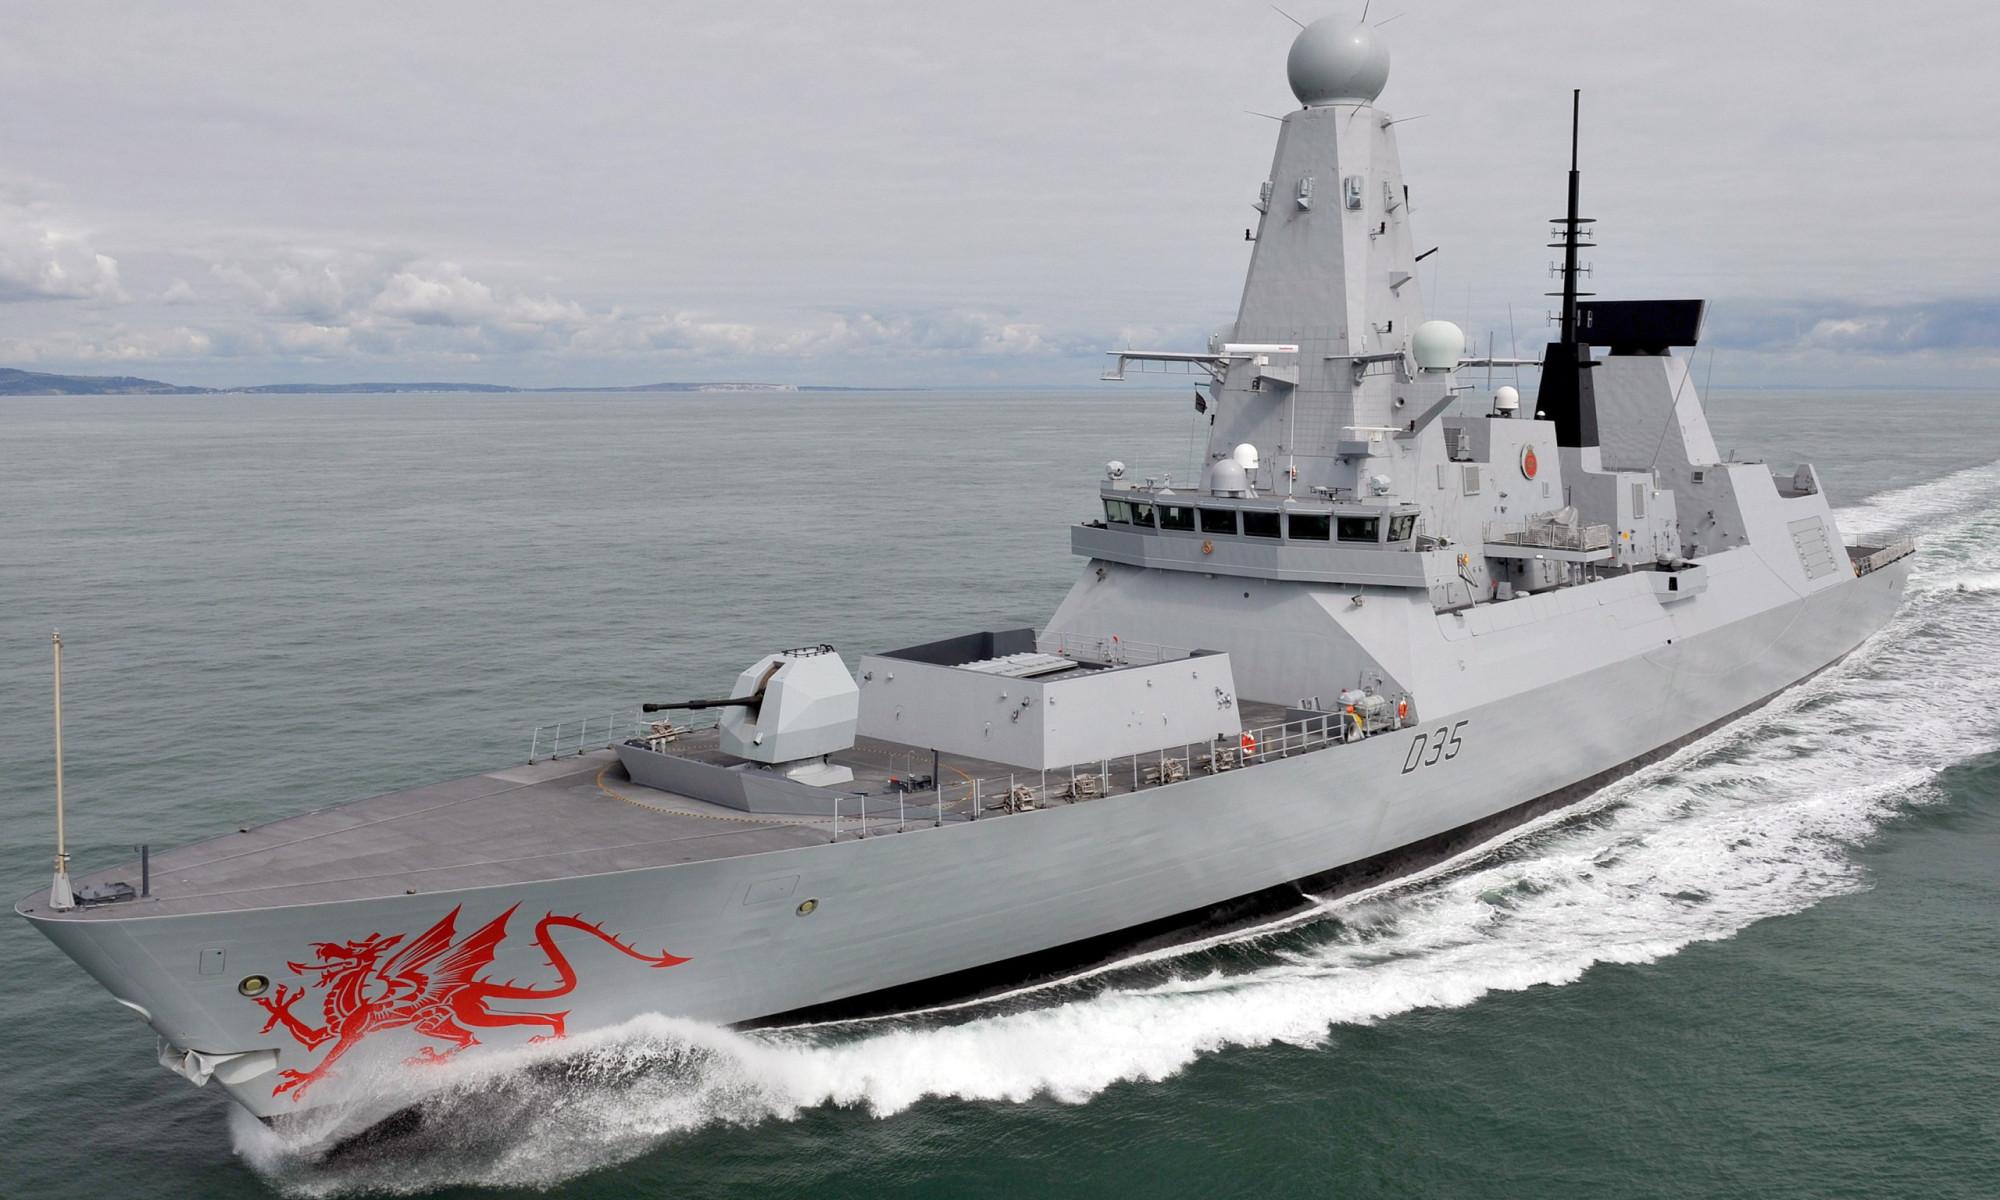 royal_navy_type_45_destroyer_hms_dragon_mod_45153123-e1432889797431.jpg